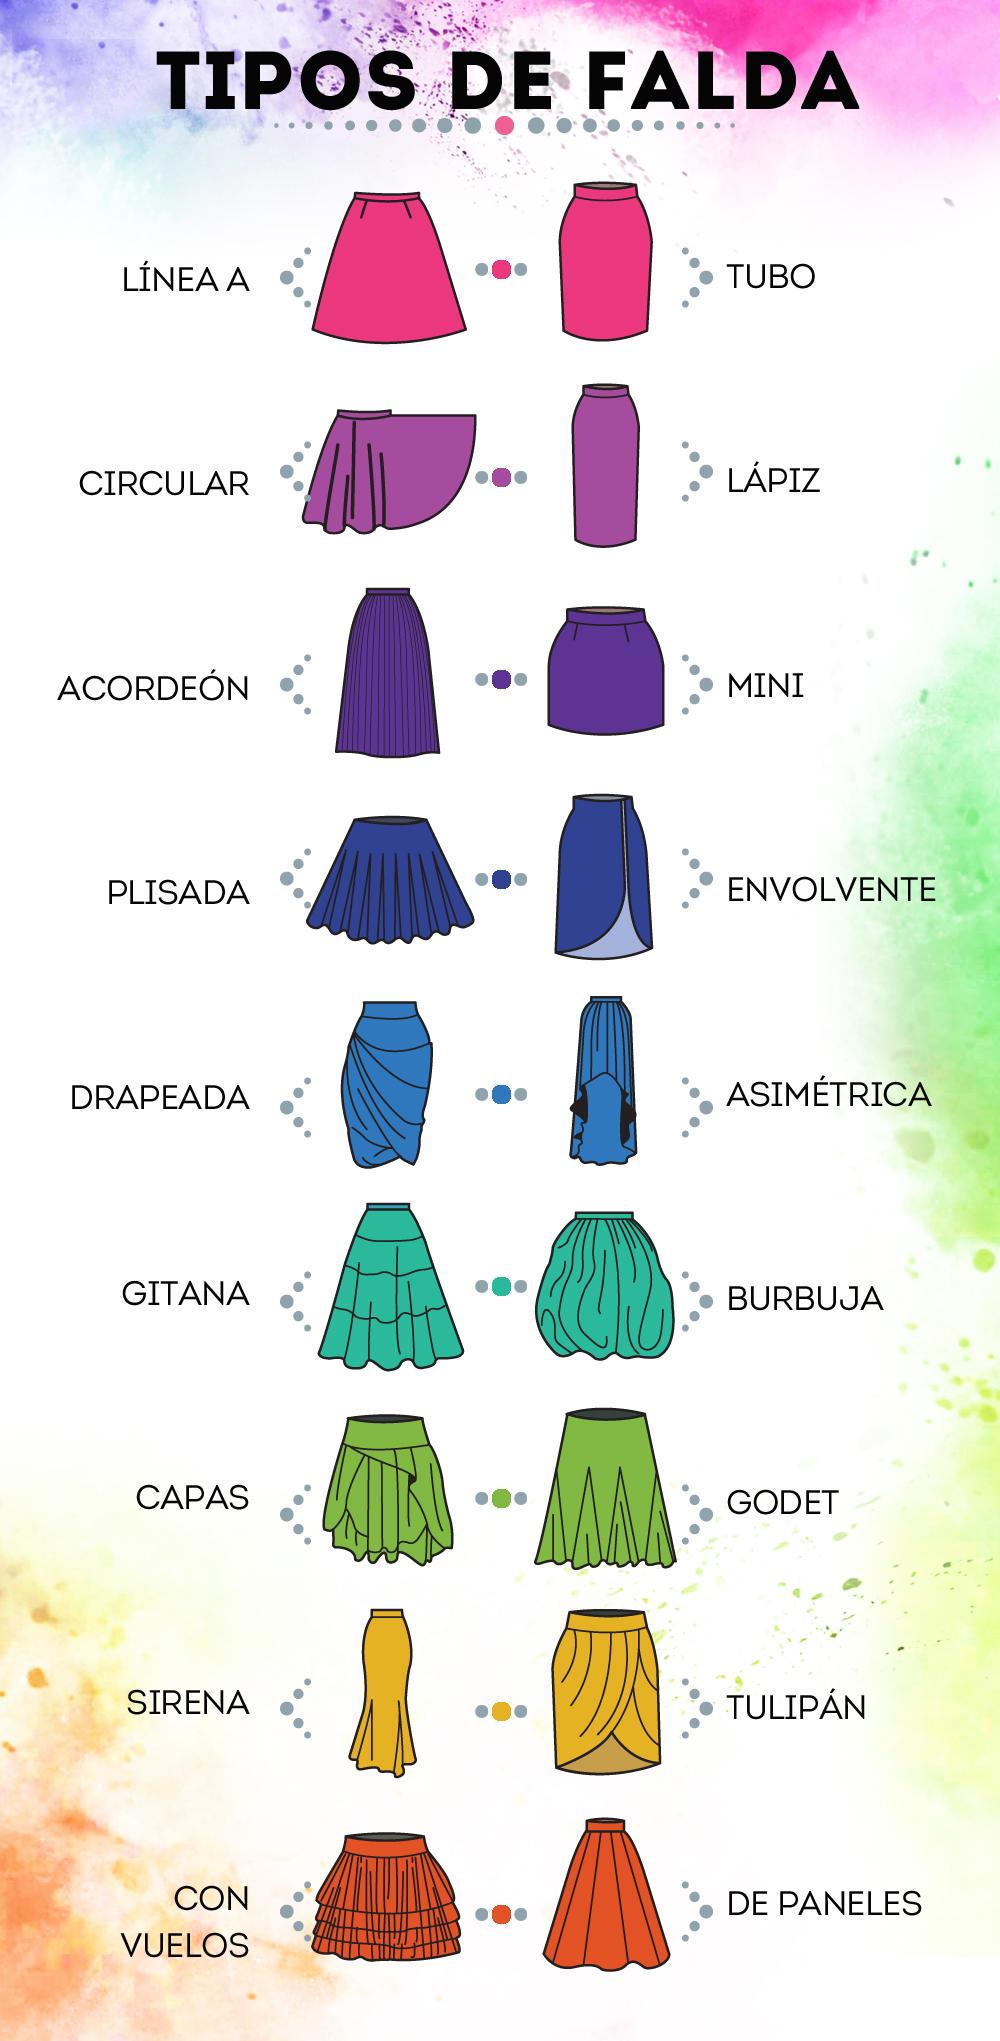 d109a4cbe Vocabulario de Moda: Tipos de Falda – Viste la Calle